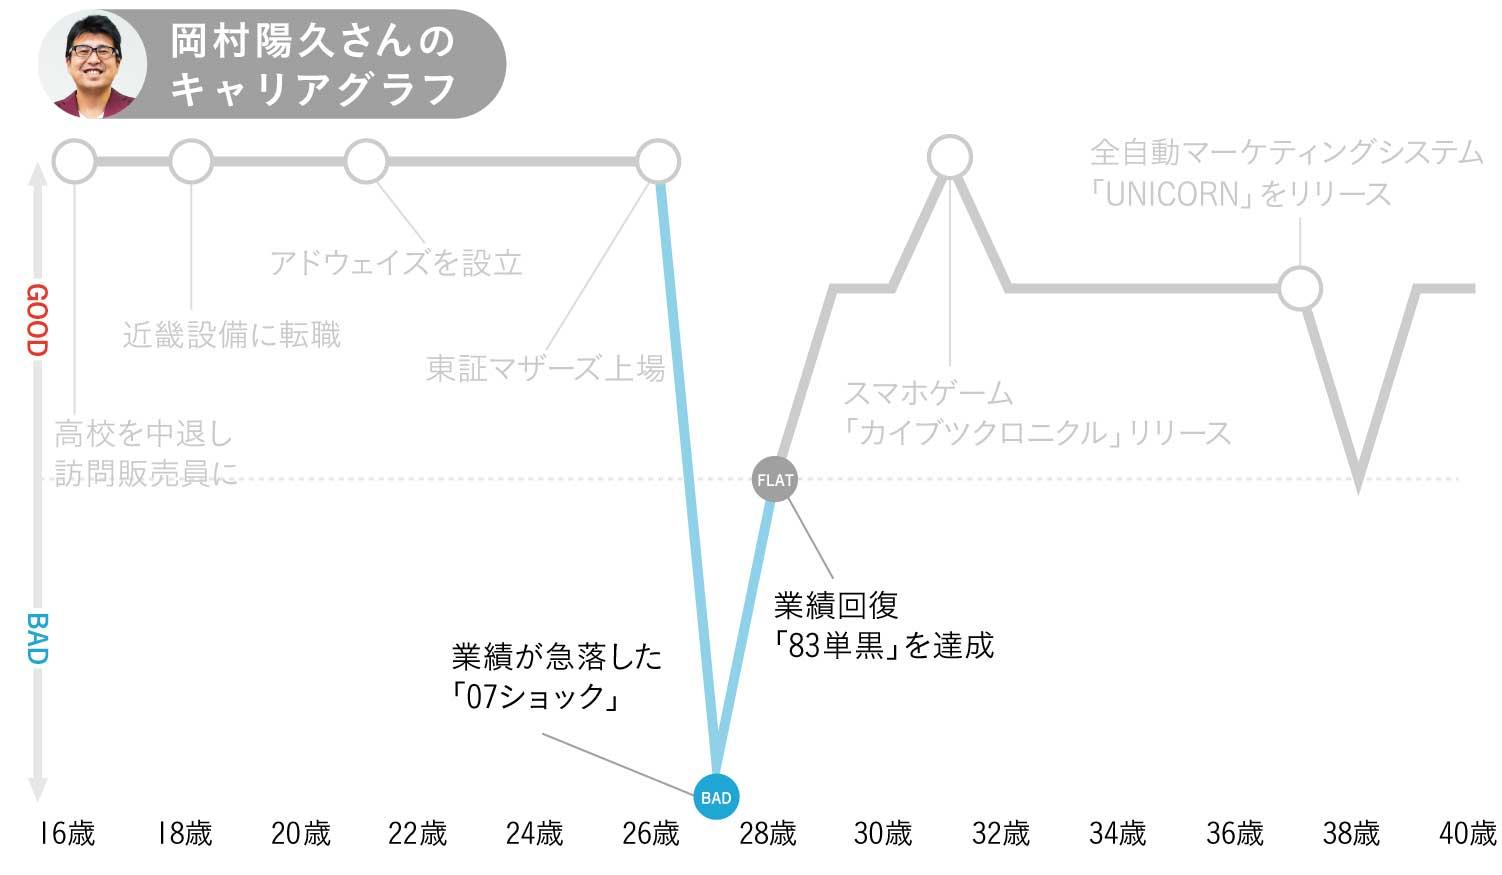 アドウェイズ岡村陽久さんのキャリアグラフ3